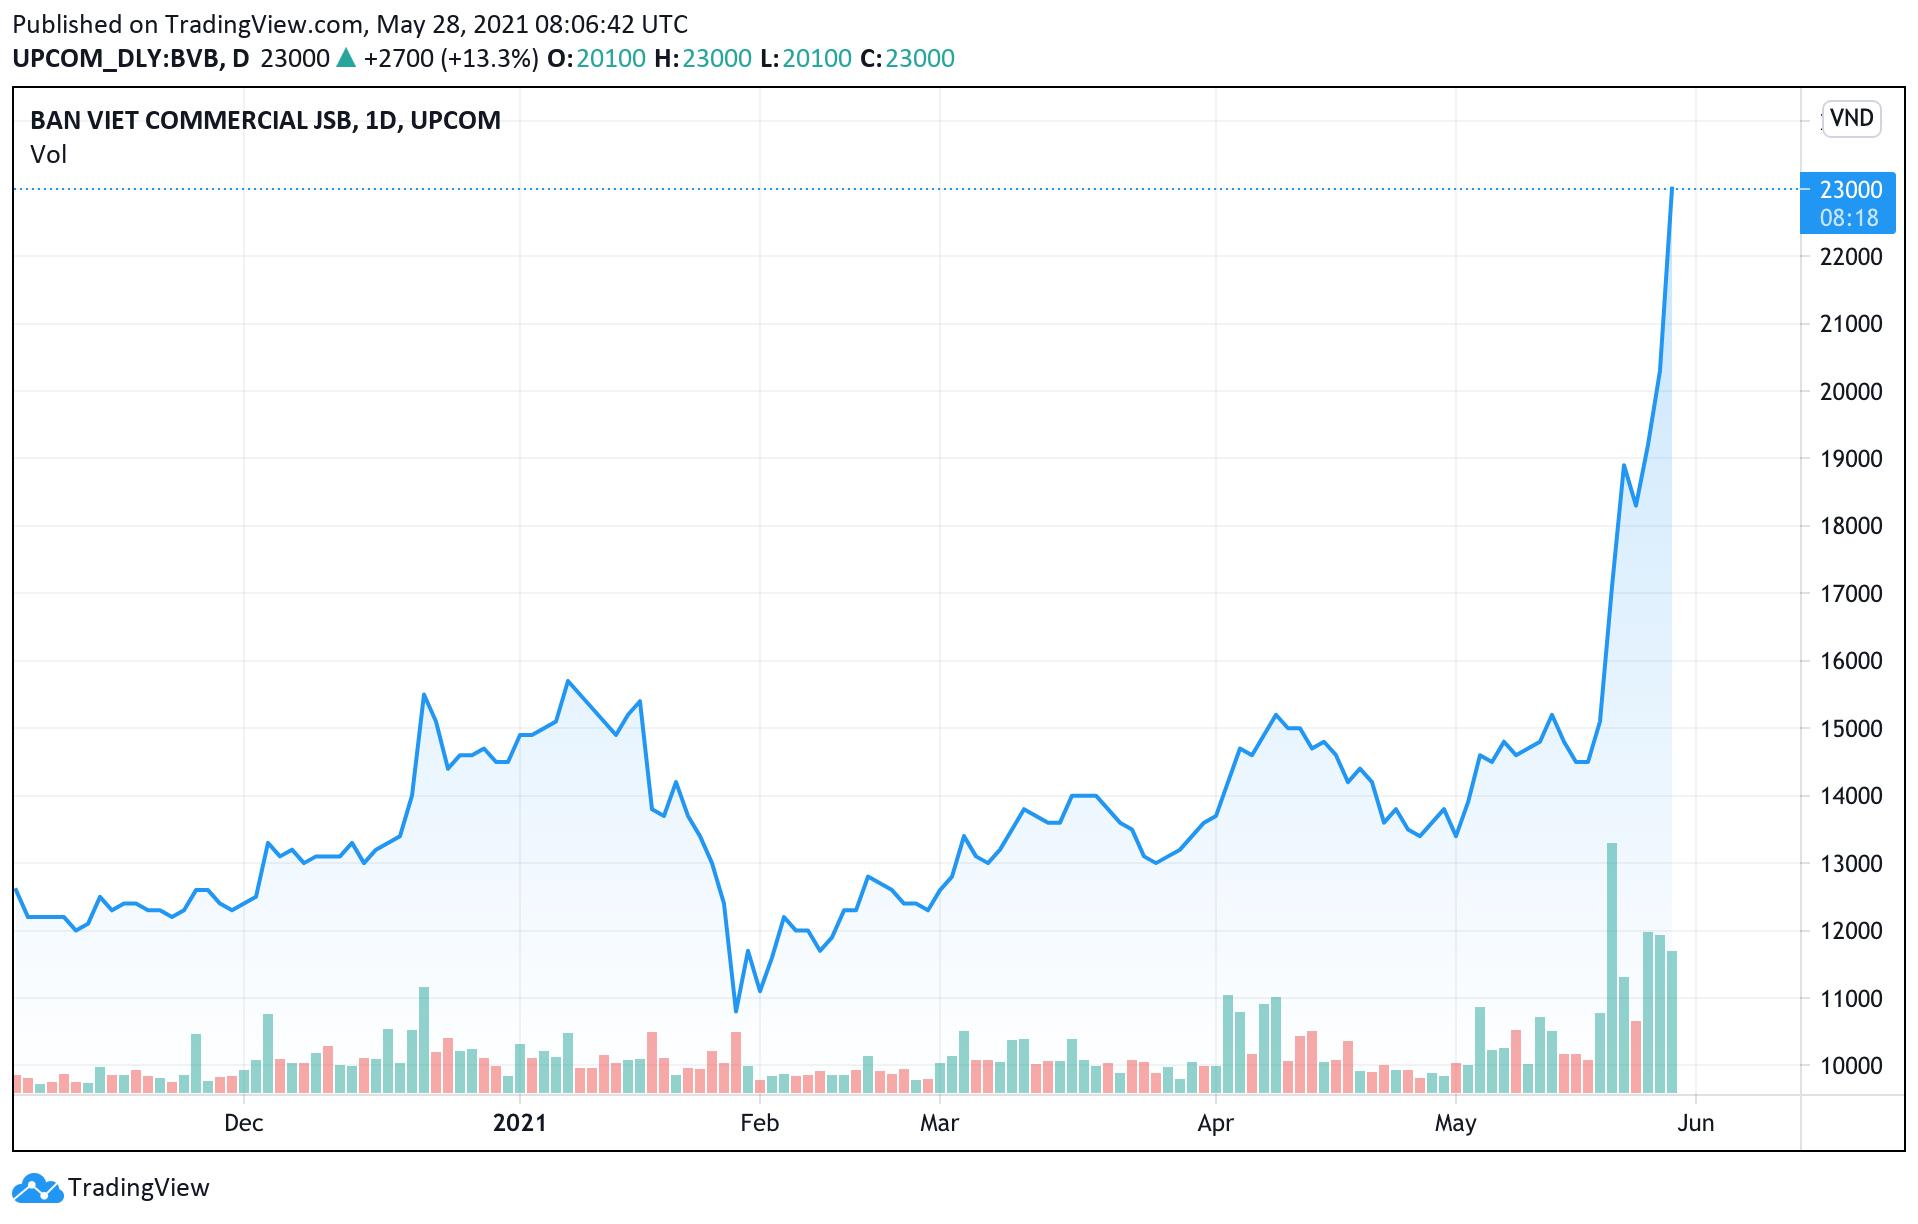 Cổ phiếu BVB dậy sóng, điều gì đang xảy ra tại Ngân hàng Bản Việt? - Ảnh 2.